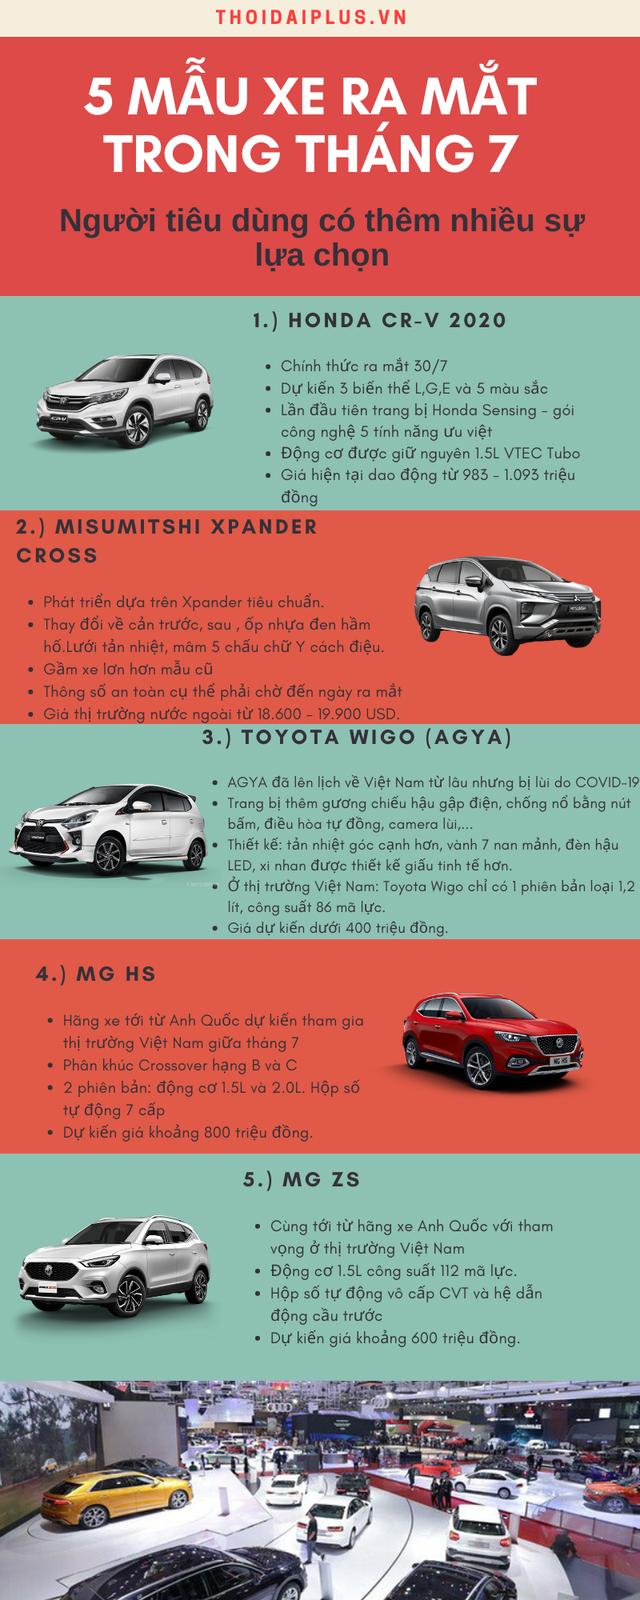 INFOGRAPHIC: 5 mẫu ô-tô mới xuất hiện tại Việt Nam trong tháng 7 - Ảnh 1.